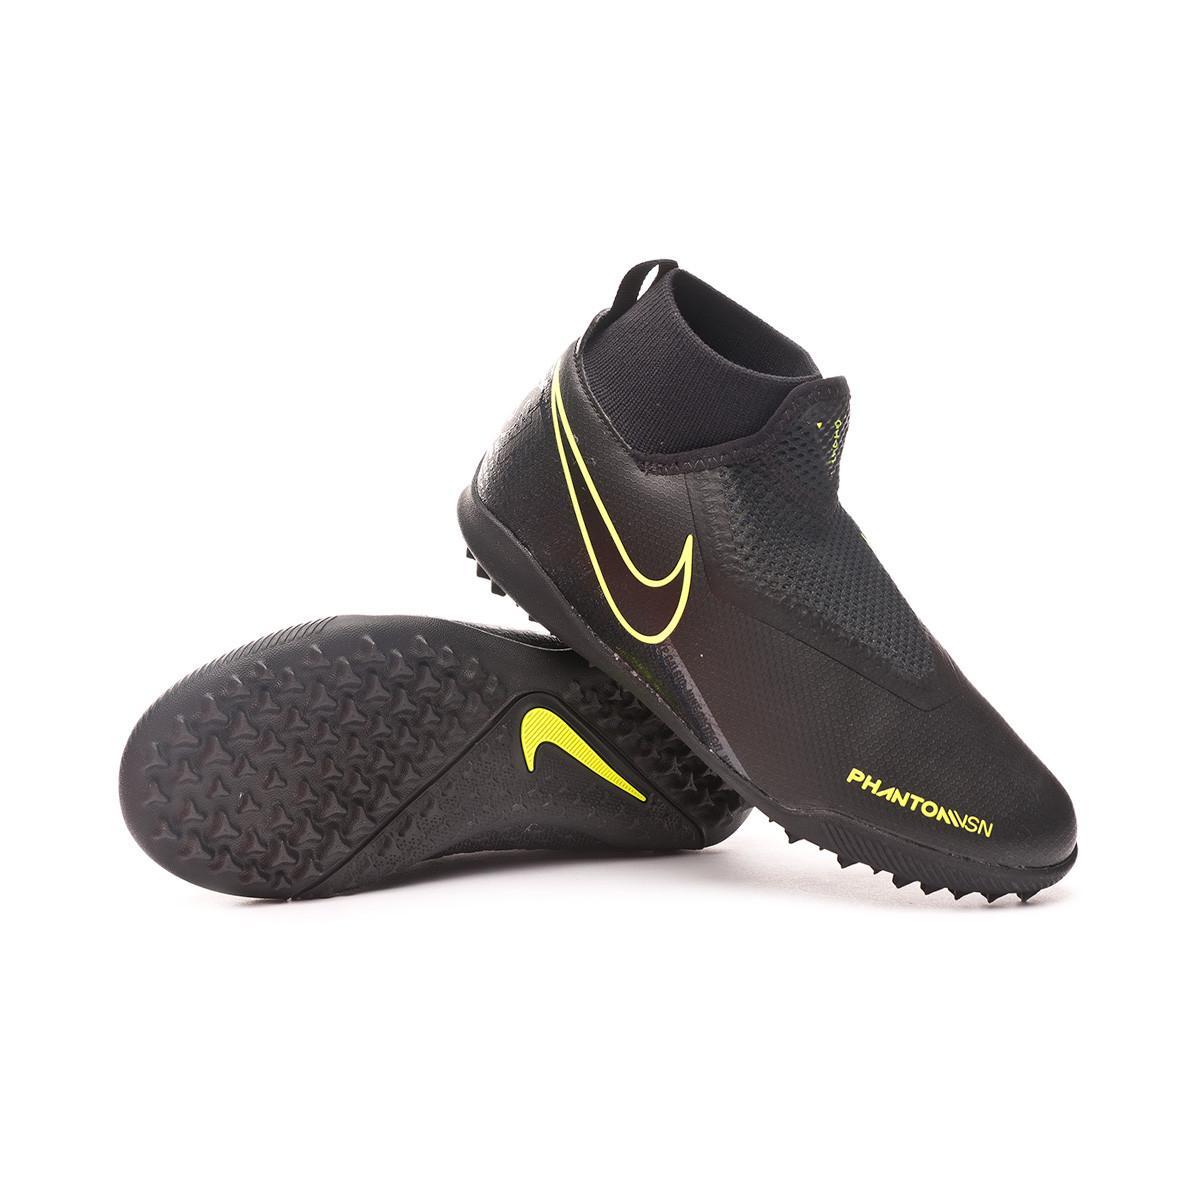 Giotto Dibondon estoy feliz Heredero  Bota de fútbol Nike Phantom Vision Academy DF Turf Niño Black-Volt - Tienda  de fútbol Fútbol Emotion